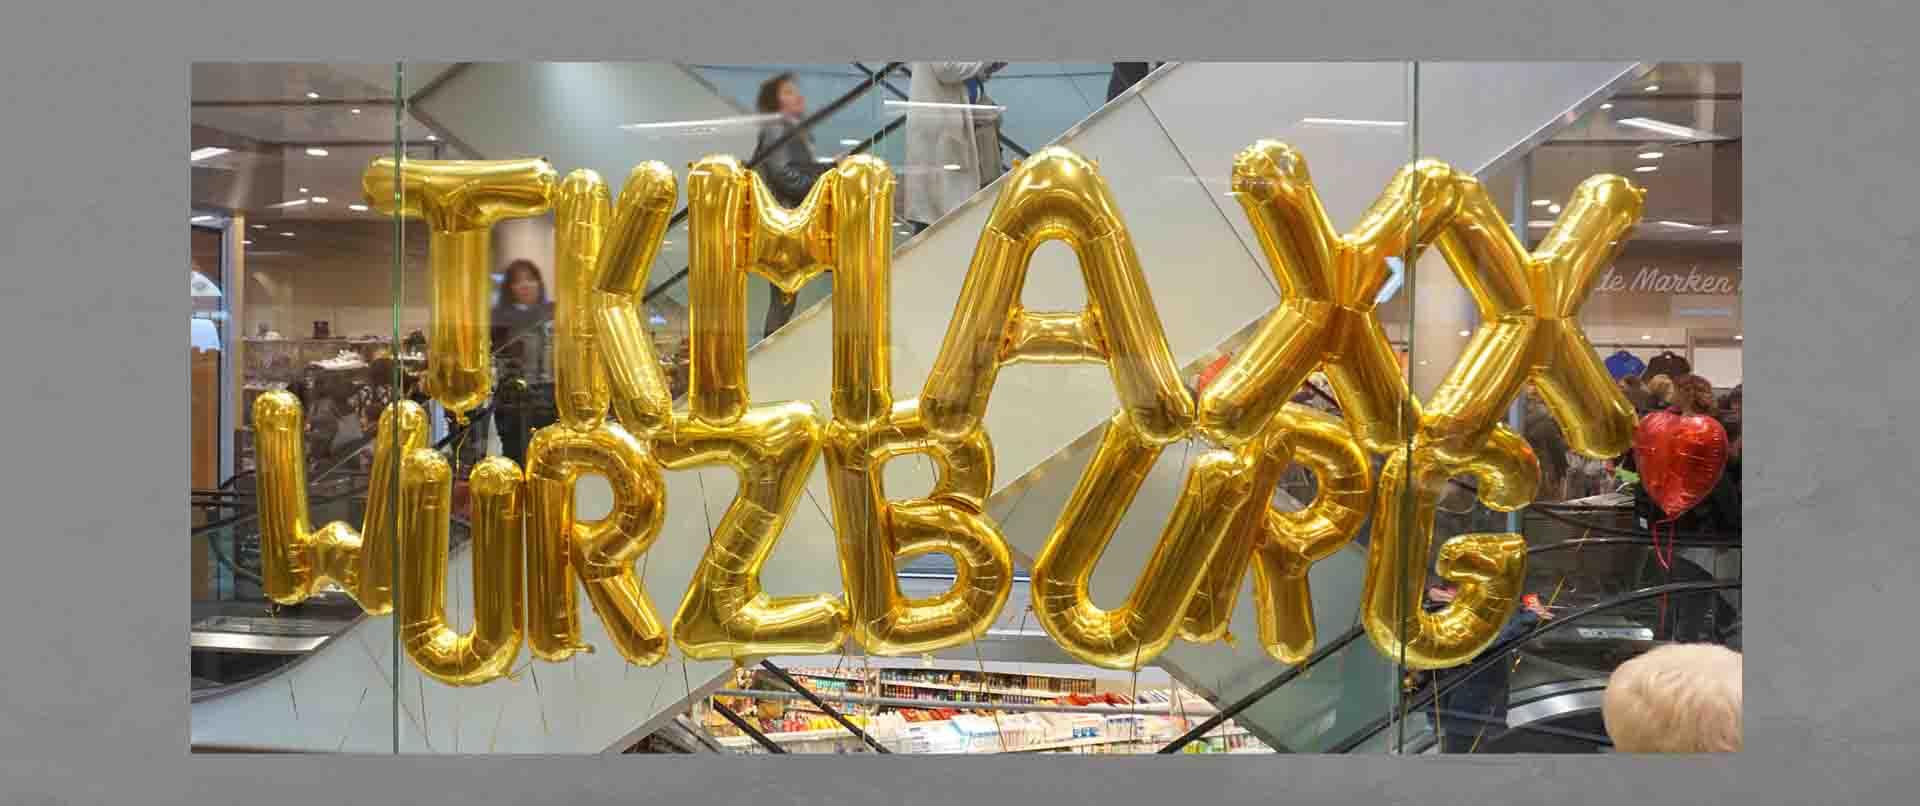 Luftballon-Dekoration Neueröffnung TKMAXX Würzburg